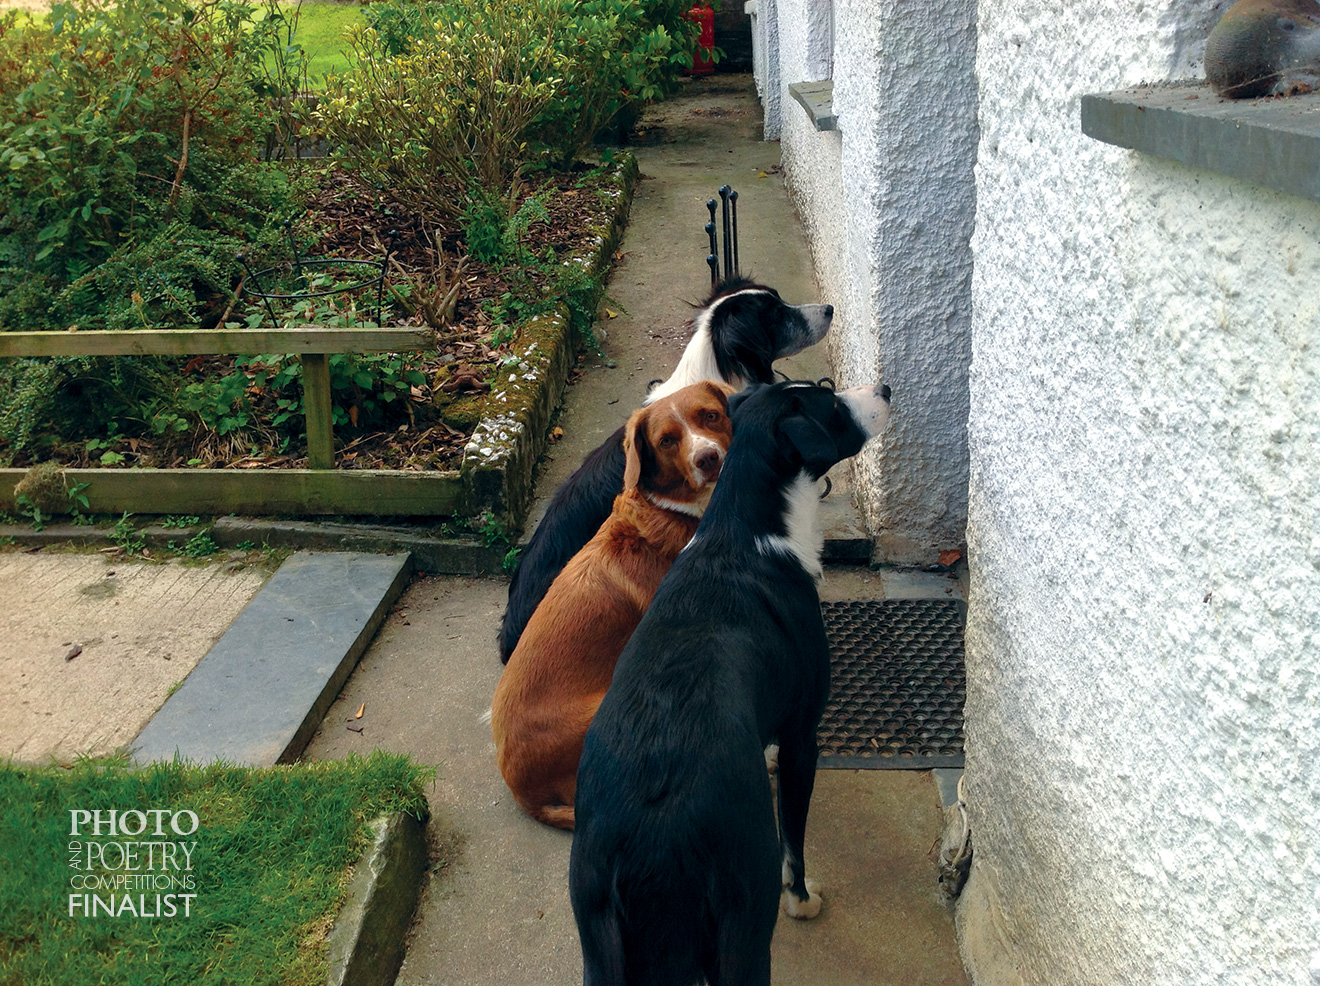 Irene Mills - Friends waiting for dinner.